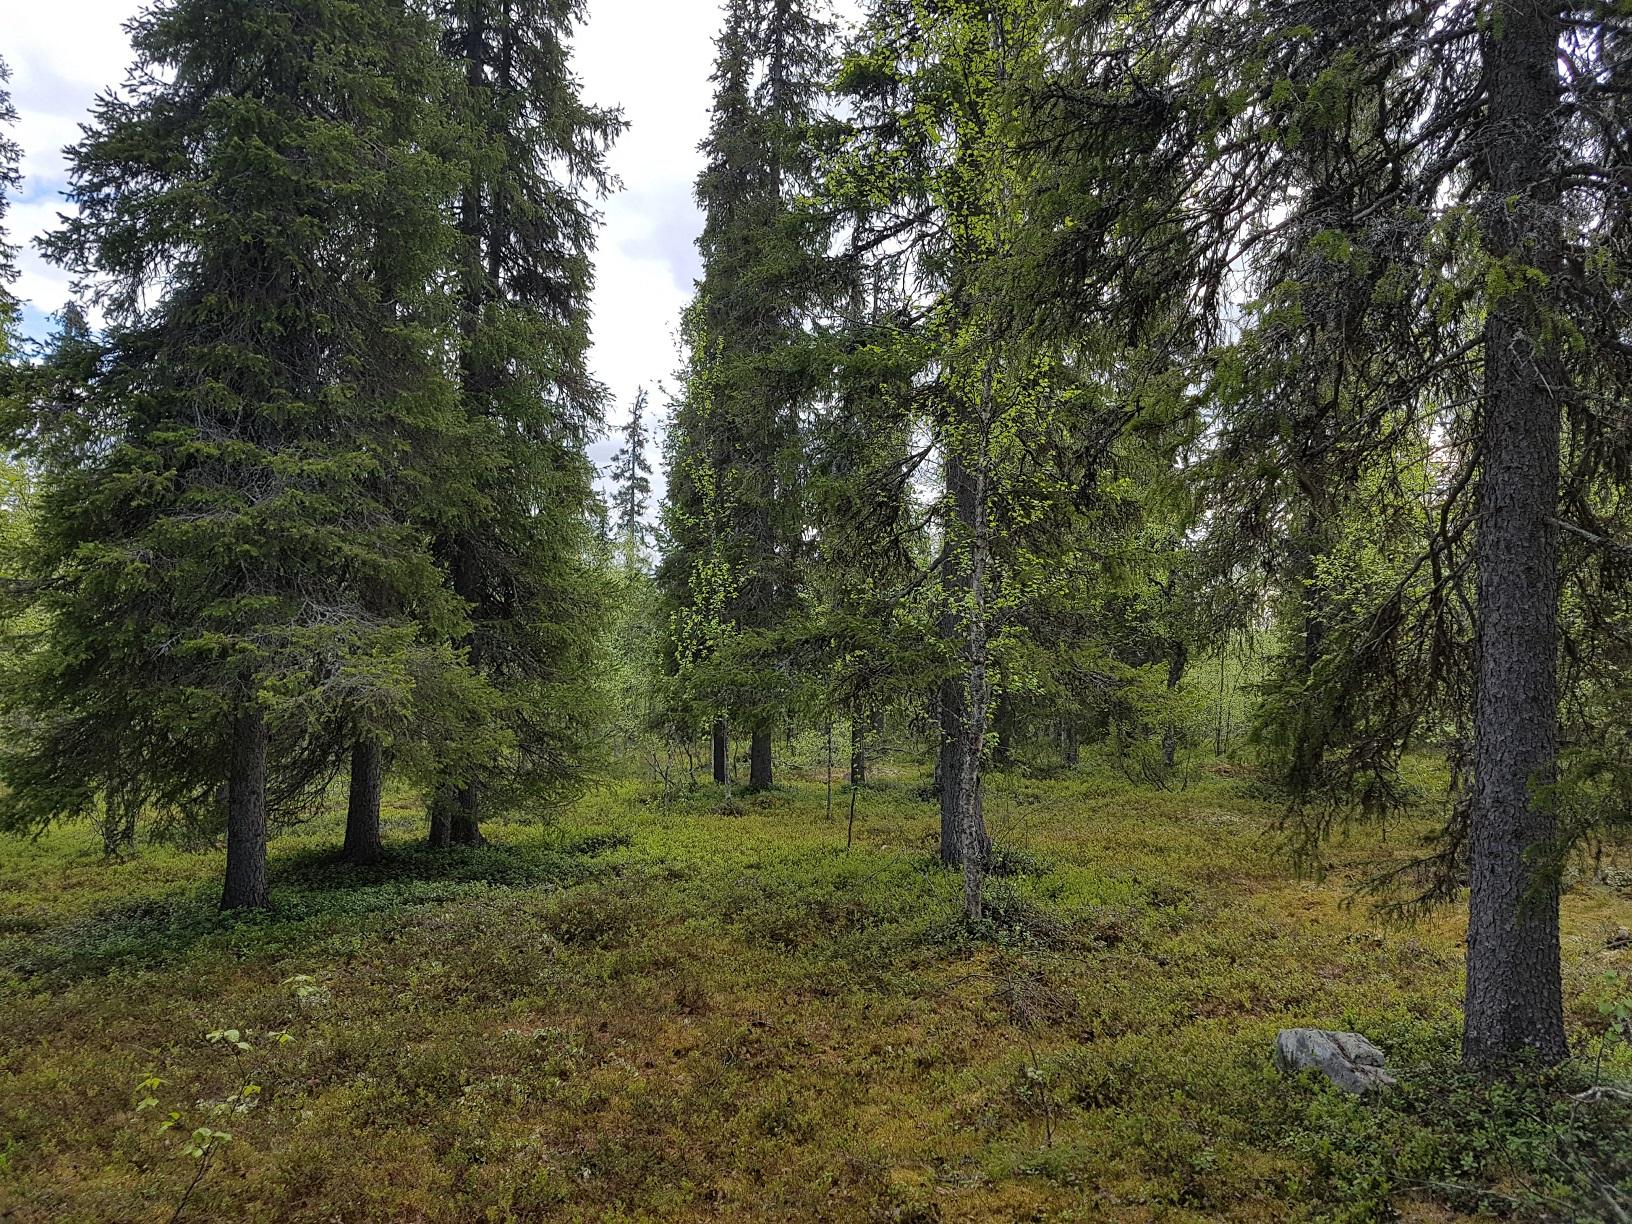 Tiefe finnische Wälder